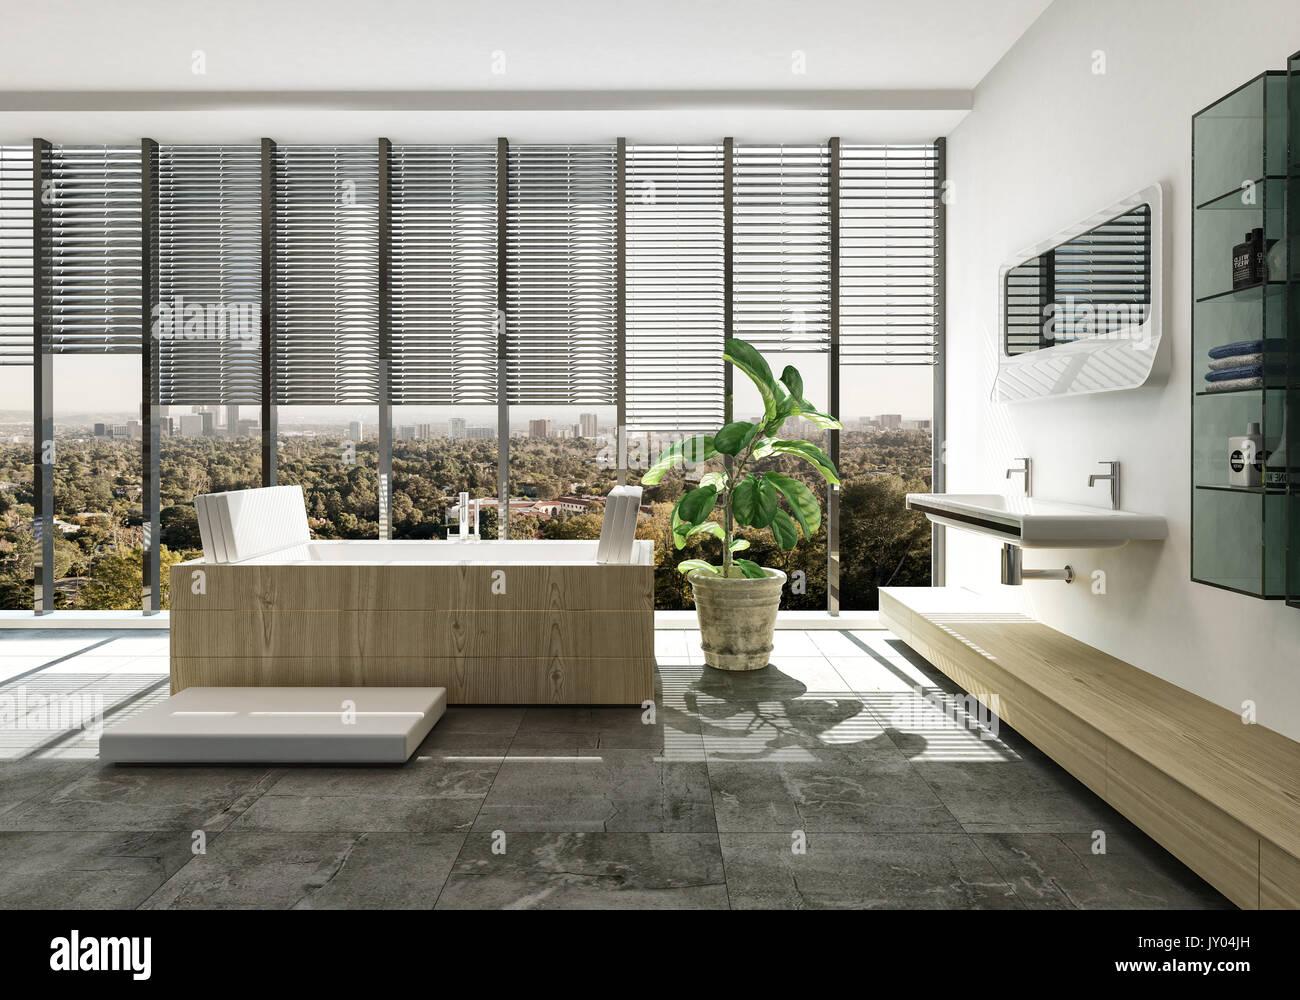 Elegante Luxus Badezimmer Einrichtung Mit Designer Rechteckige Wanne Und  Wand Montiert Eitelkeit über Einen Fliesenboden Mit Topfpflanzen Und Großen  ...